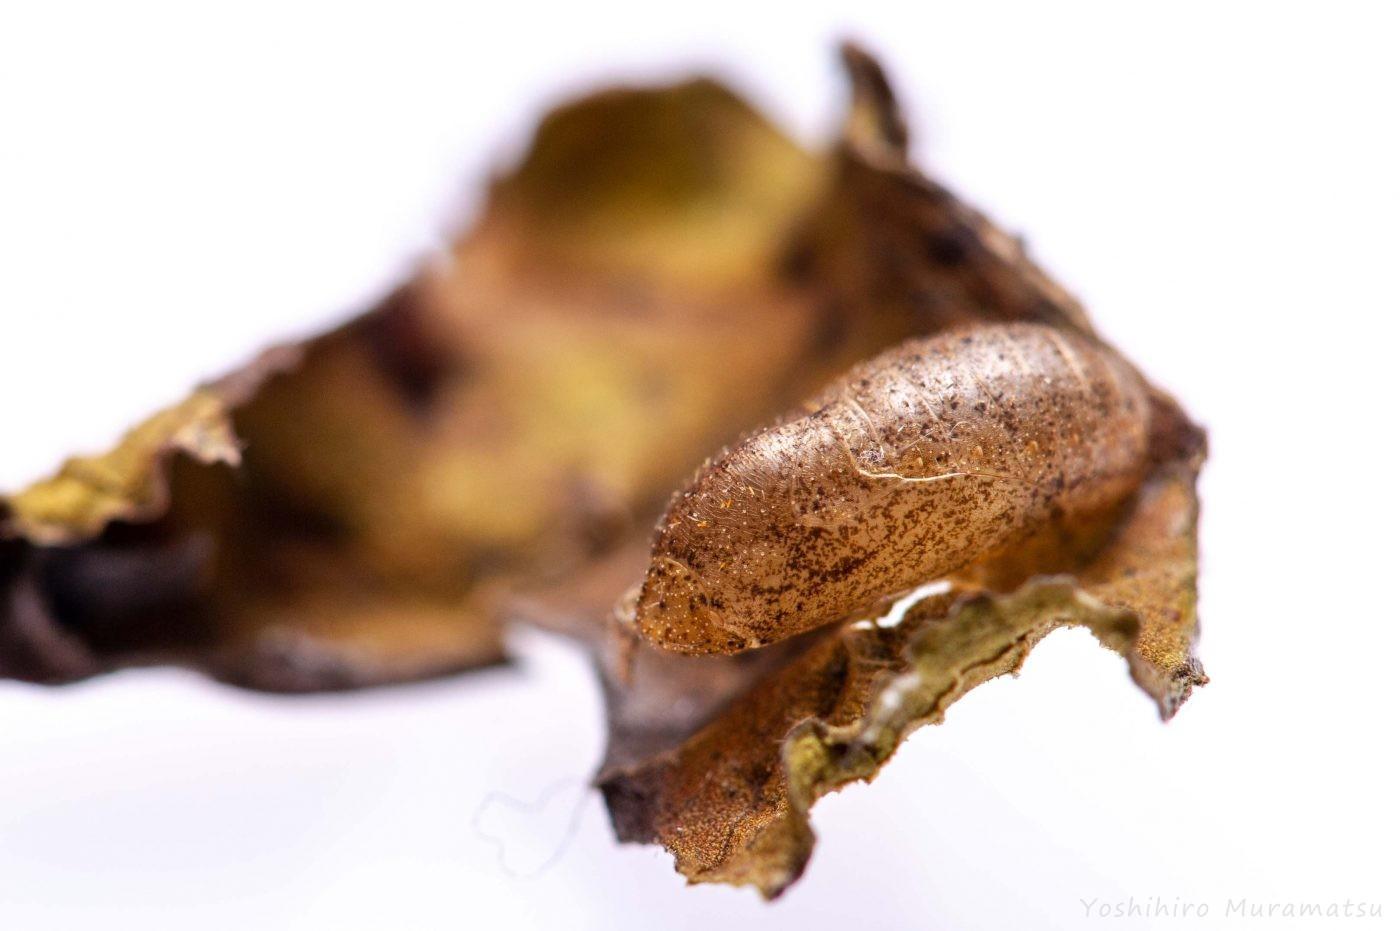 ベニシジミのサナギ殻